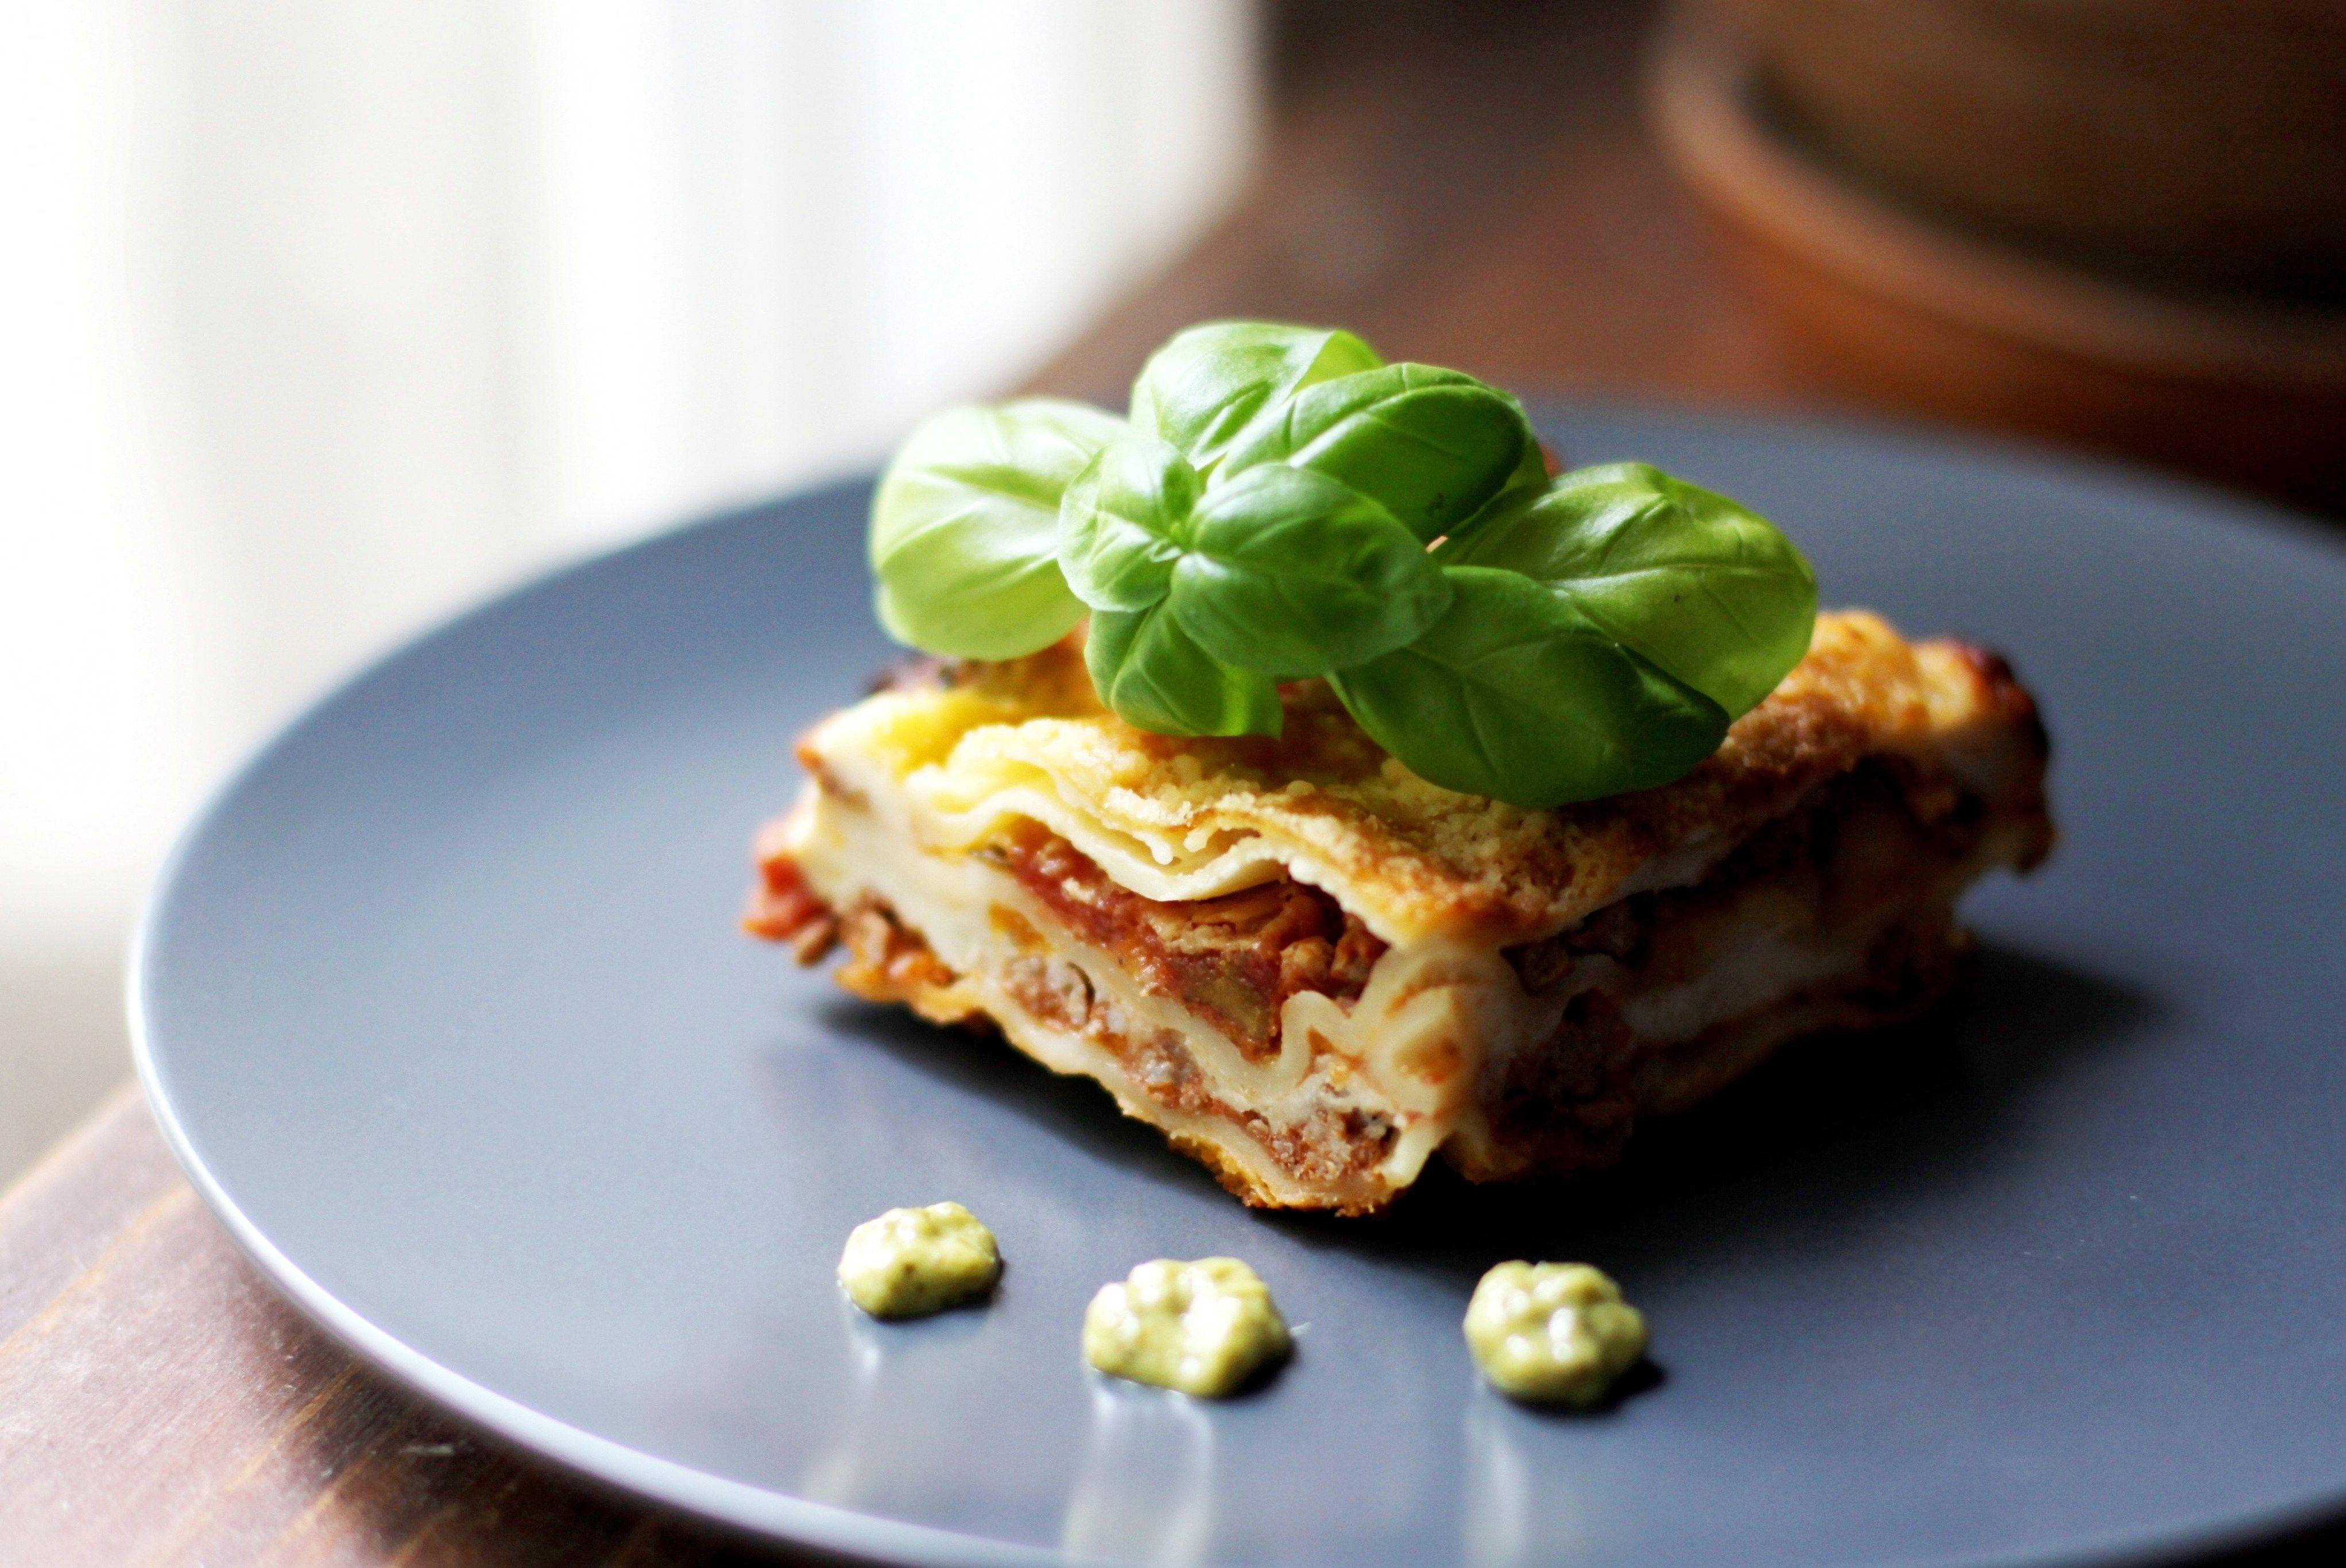 питомца, изучив итальянская кухня рецепты с фотографиями думаю, что всё